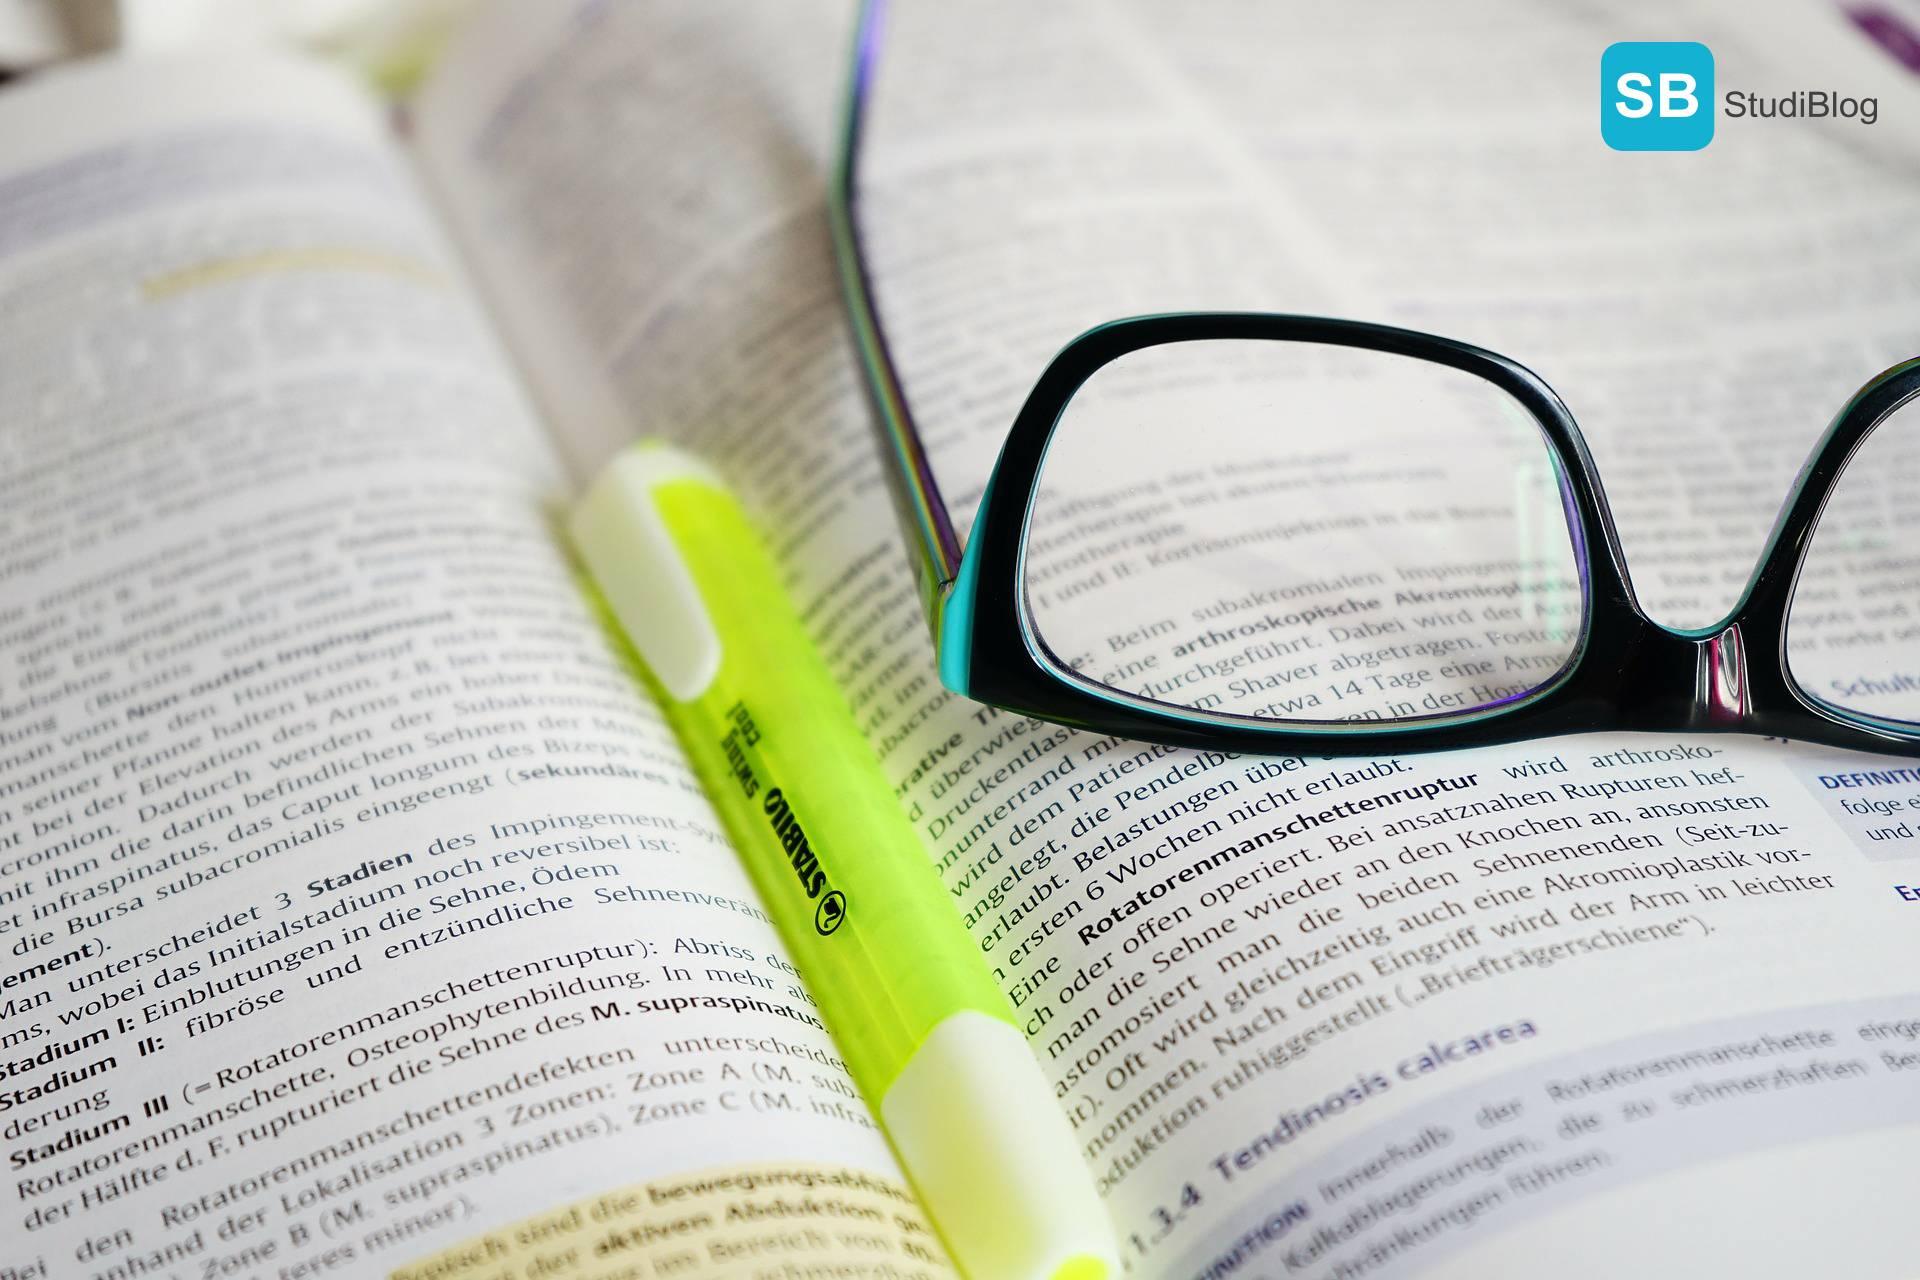 Beitragsbild für den Text über die Weiterbildungsmöglichkeiten während des Studiums - Gezeigt wird ein Buch auf dem eine Brille und ein Textmarker liegt